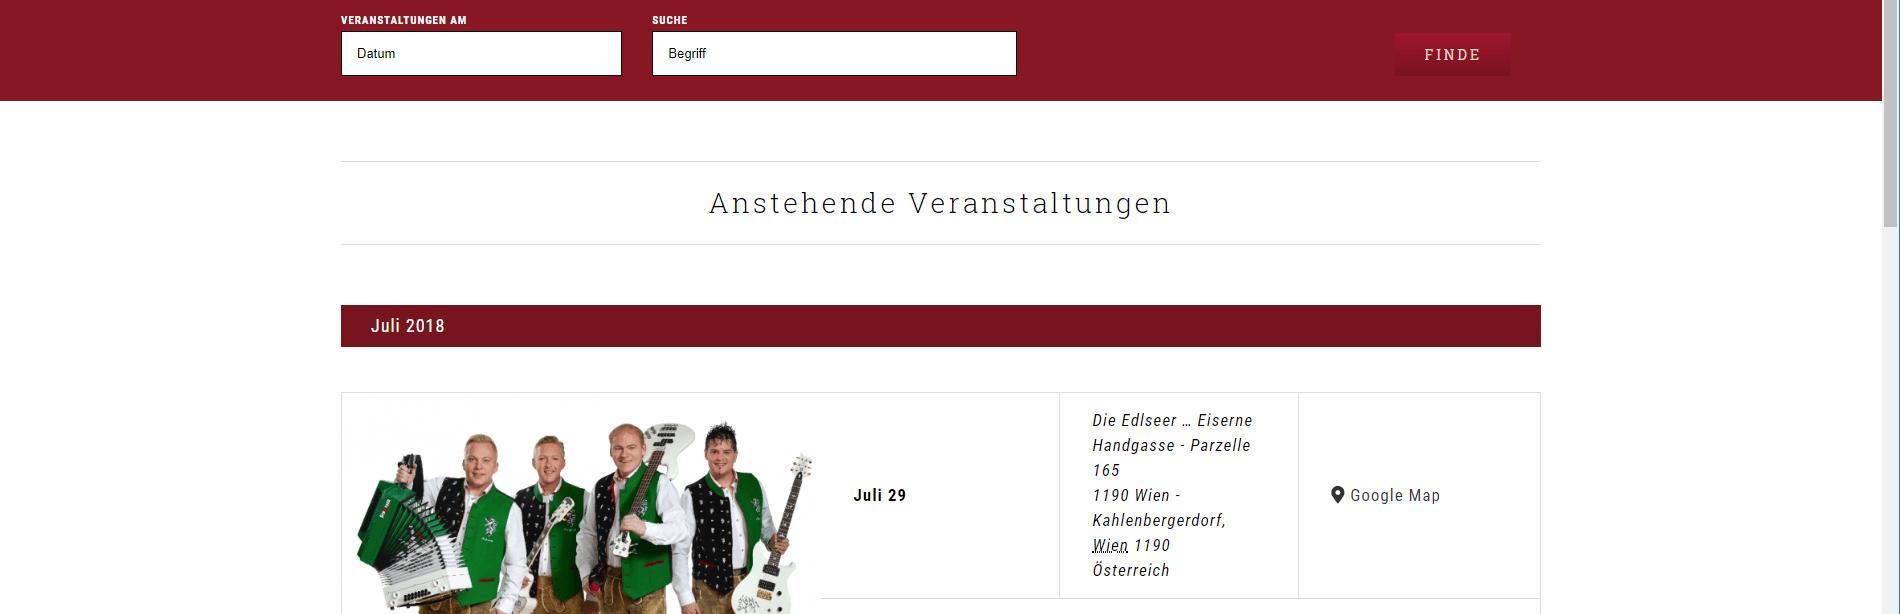 Webseiten Erstellung Heuriger Hirt Veranstalungen - PKOM Webagentur Wien